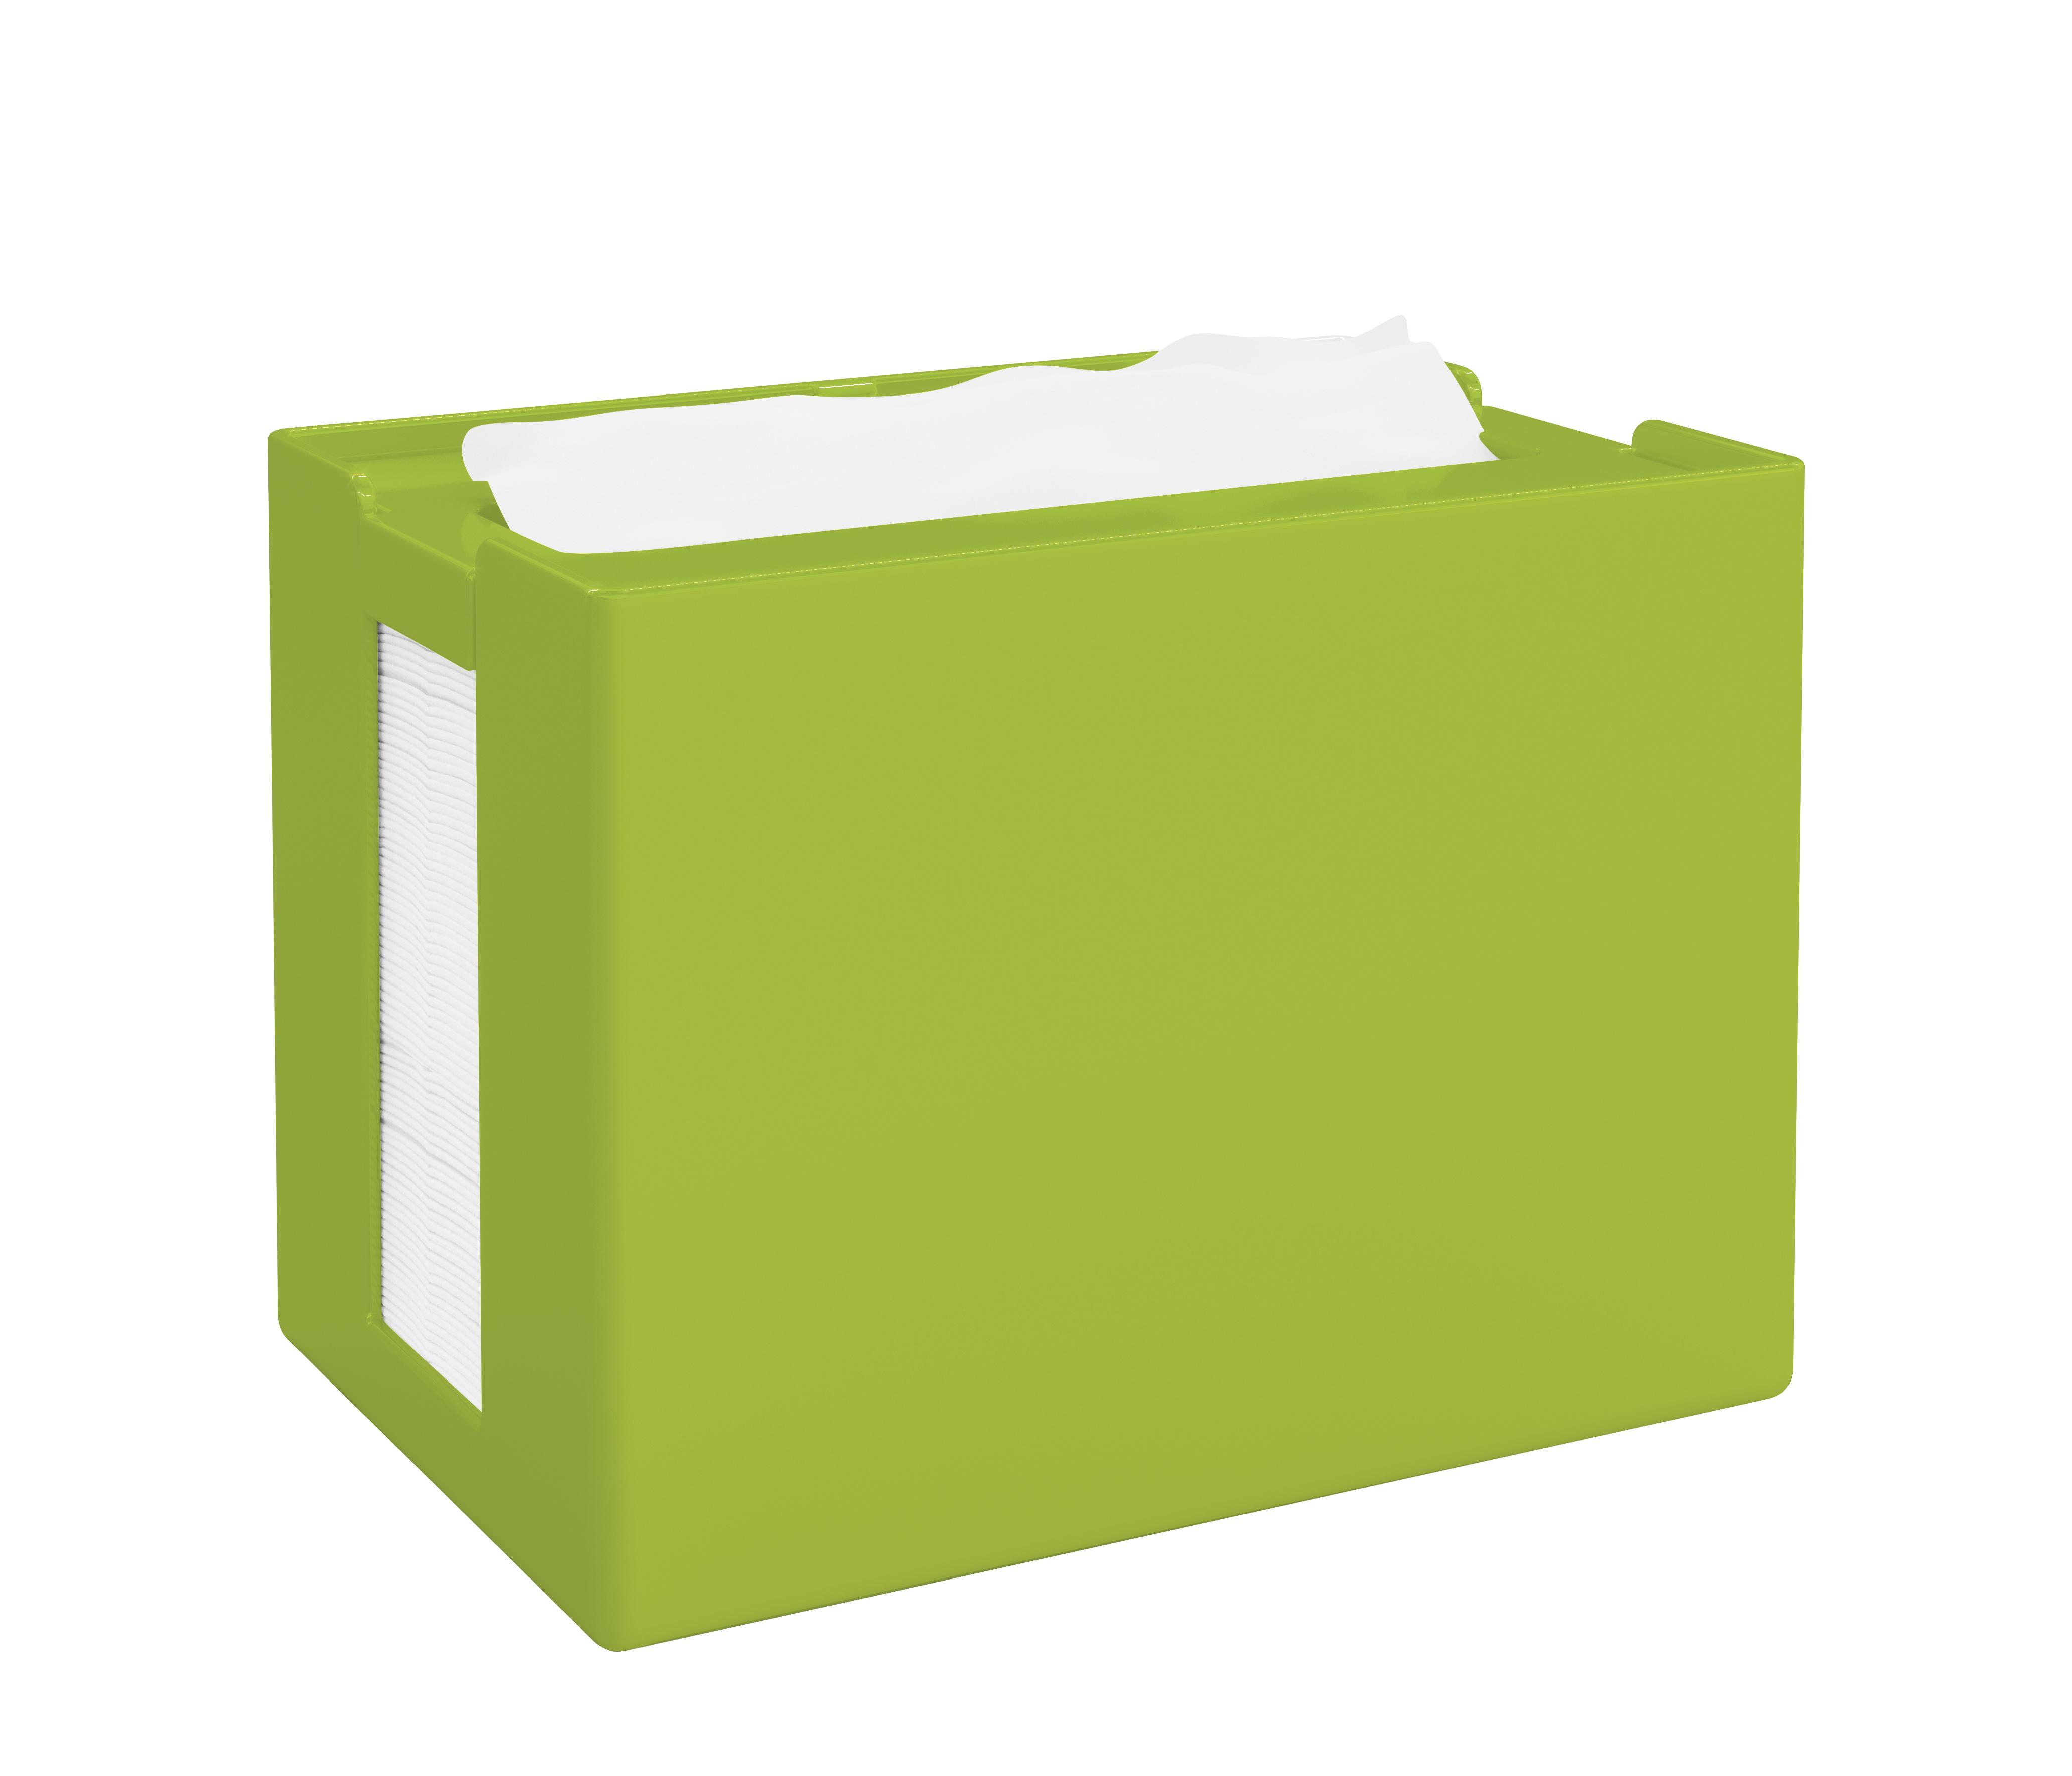 Papernet® salvrätiku hoidik, lauale, roheline,16,8x12,5x10,9 cm k:8tk